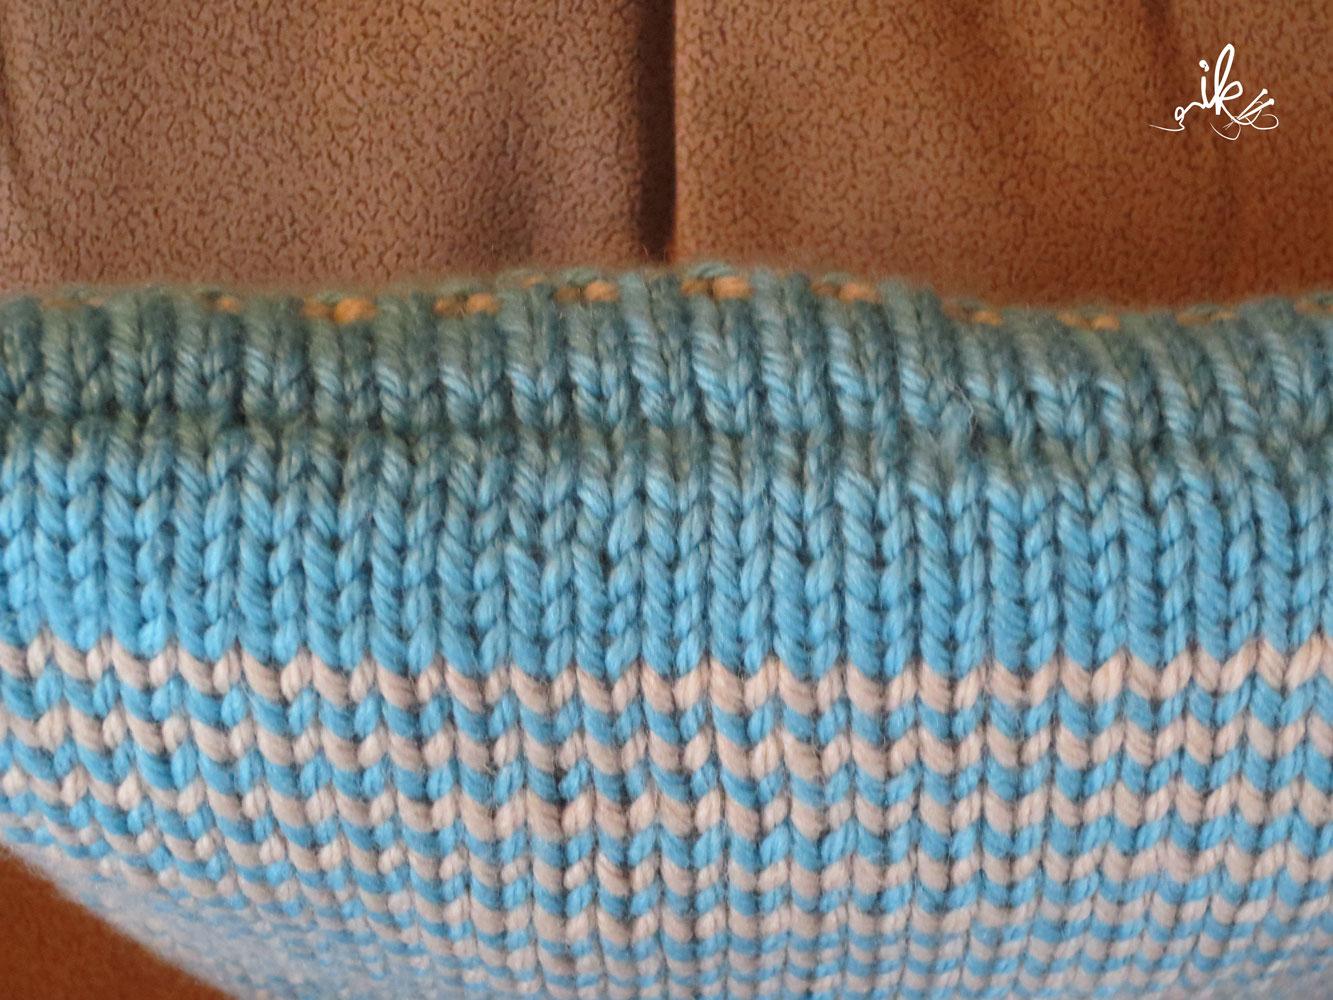 Funky Stricken Kissen Muster Gift - Decke Stricken Muster ...